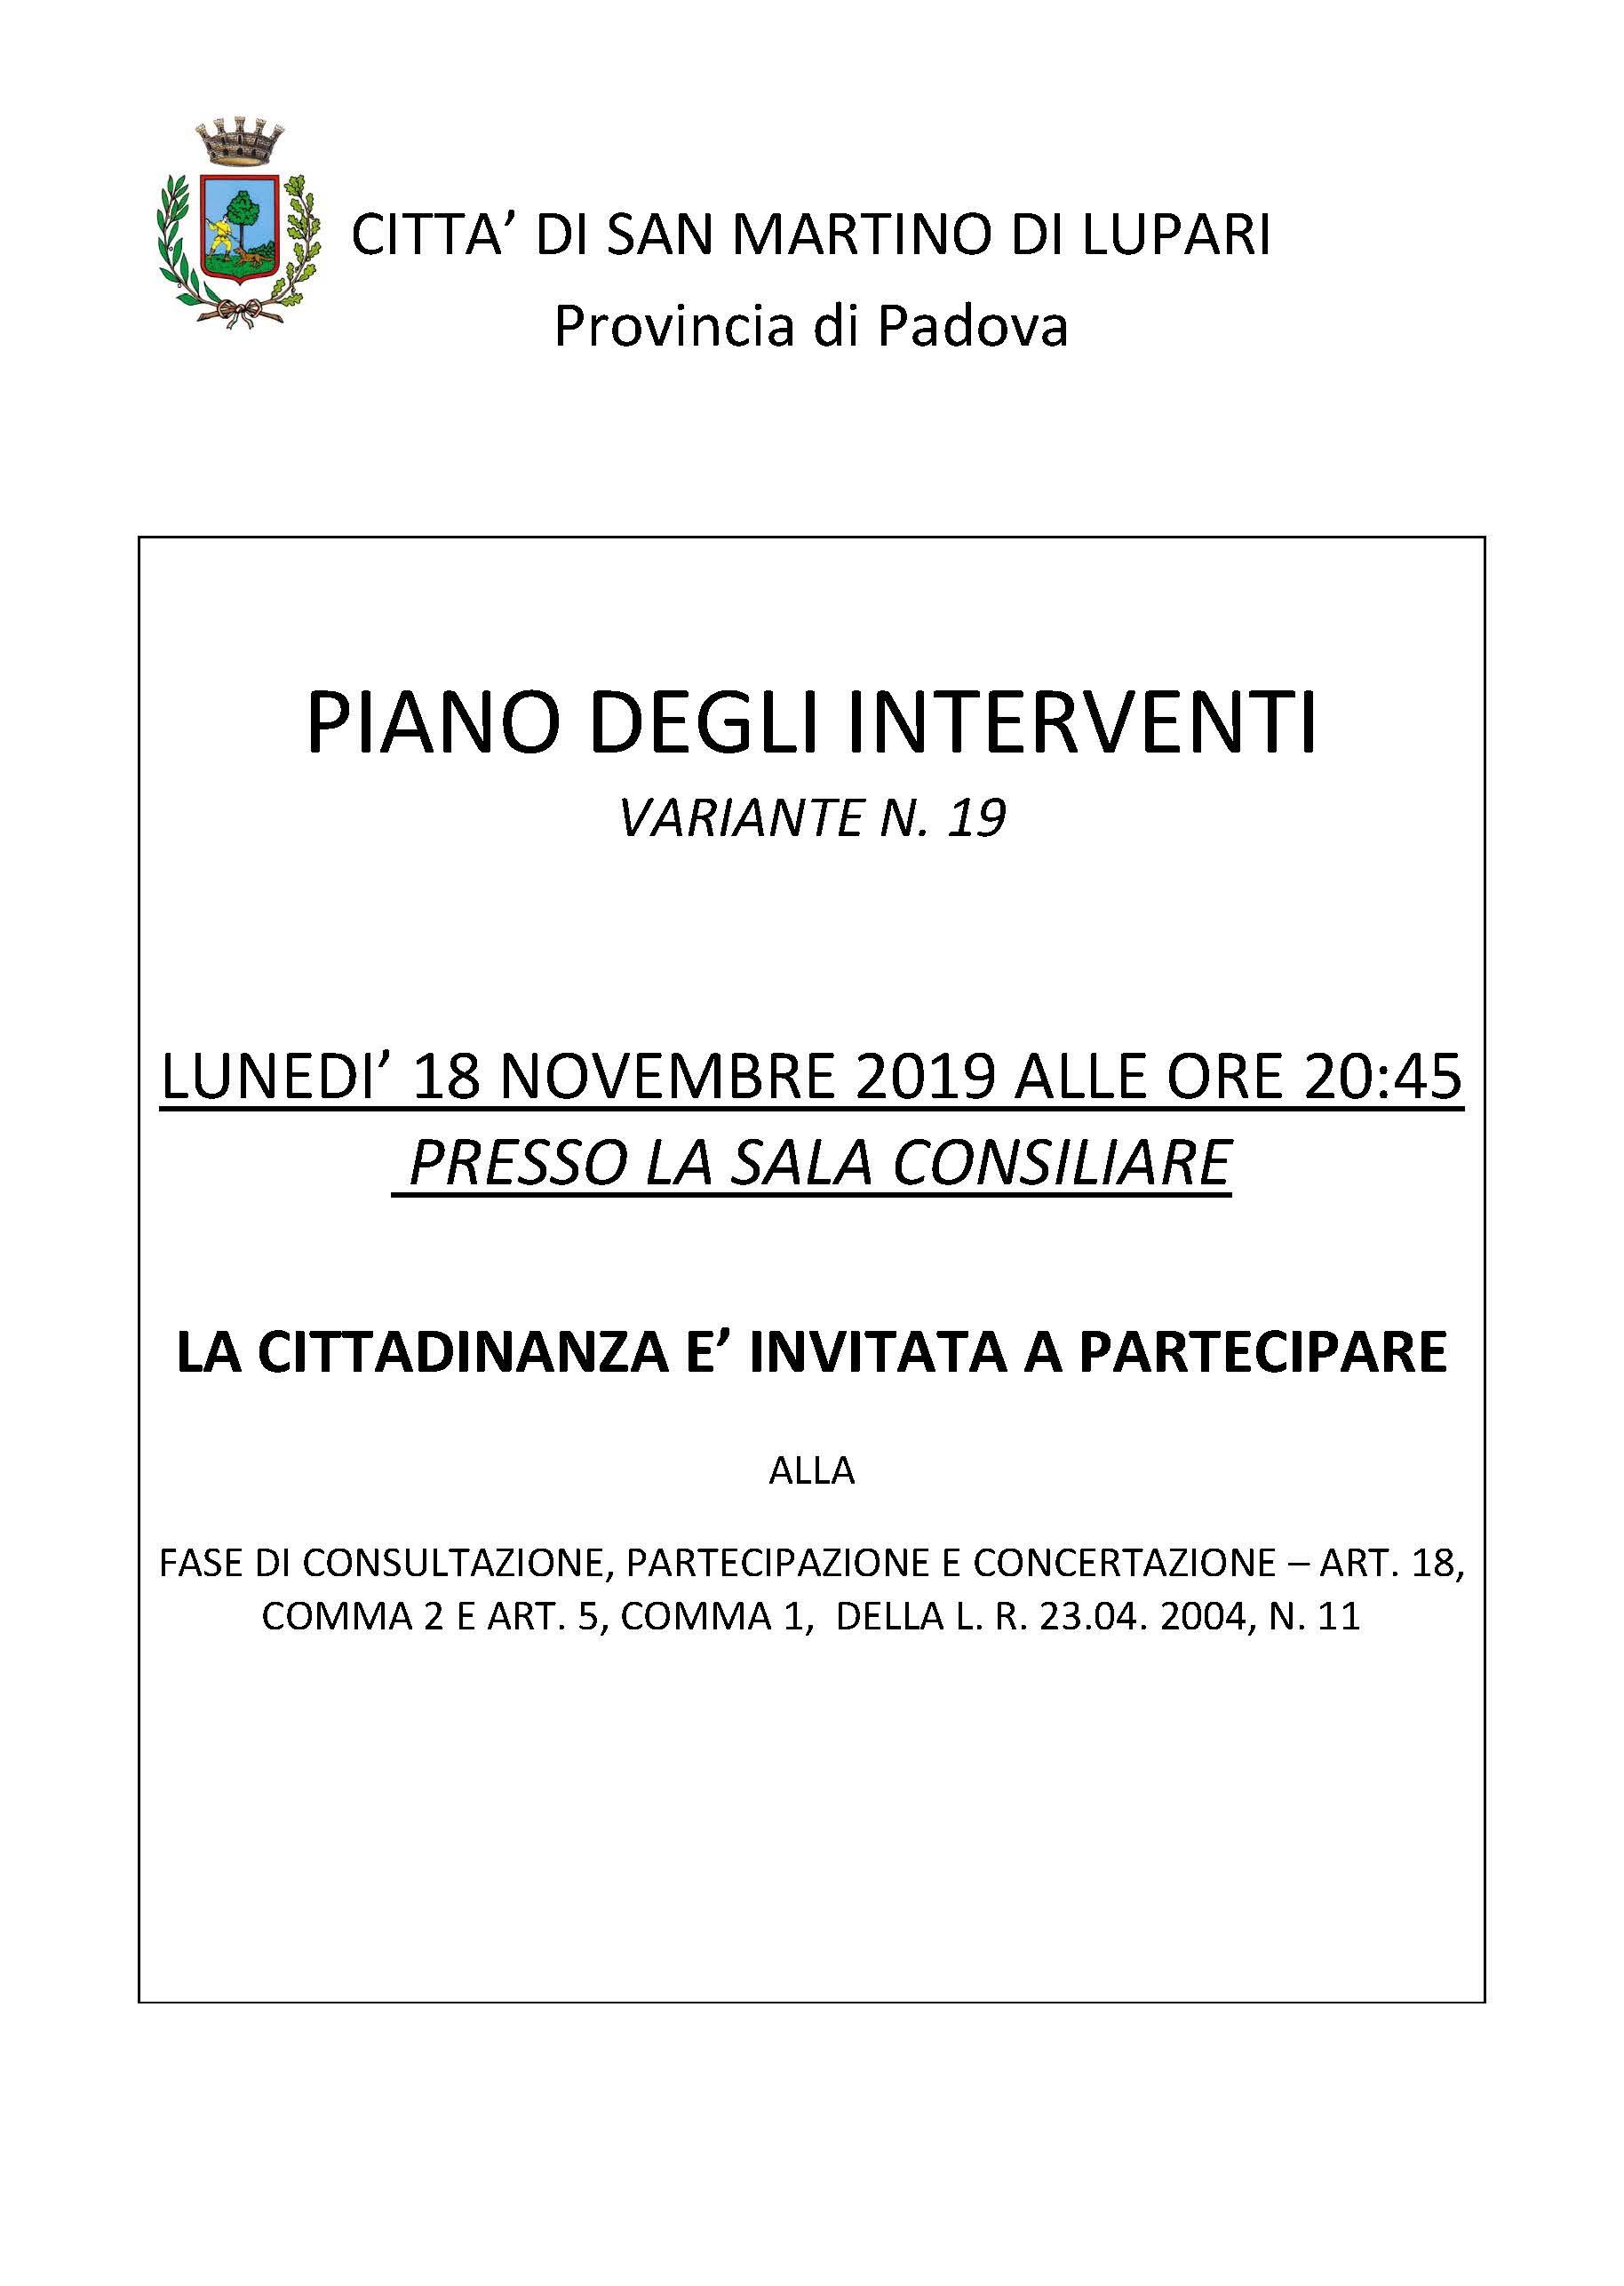 PIANO DEGLI INTERVENTI VARIANTE N. 19